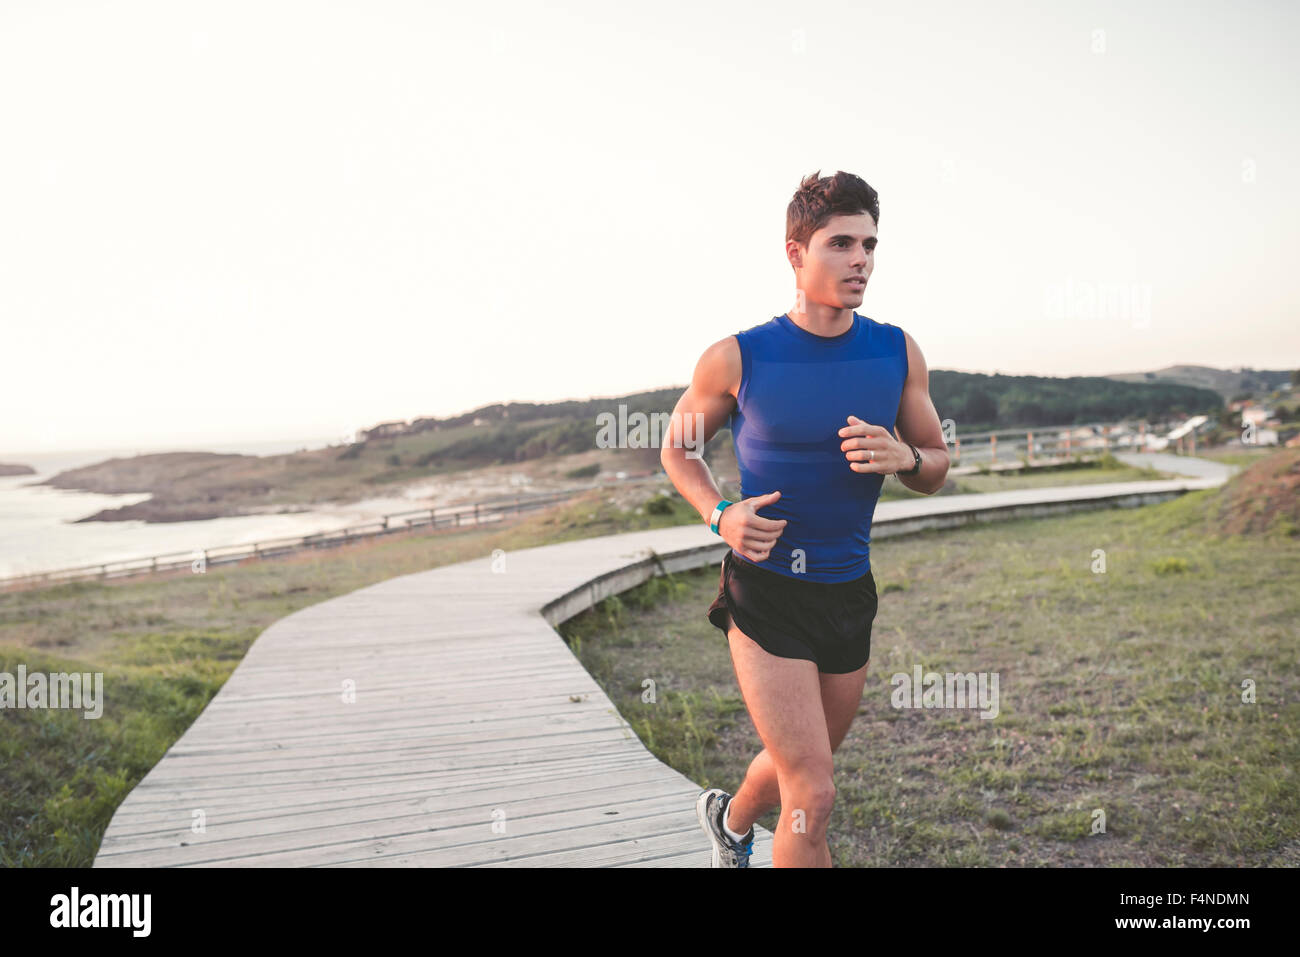 Spain, Ferrol, jogger running on a boardwalk - Stock Image